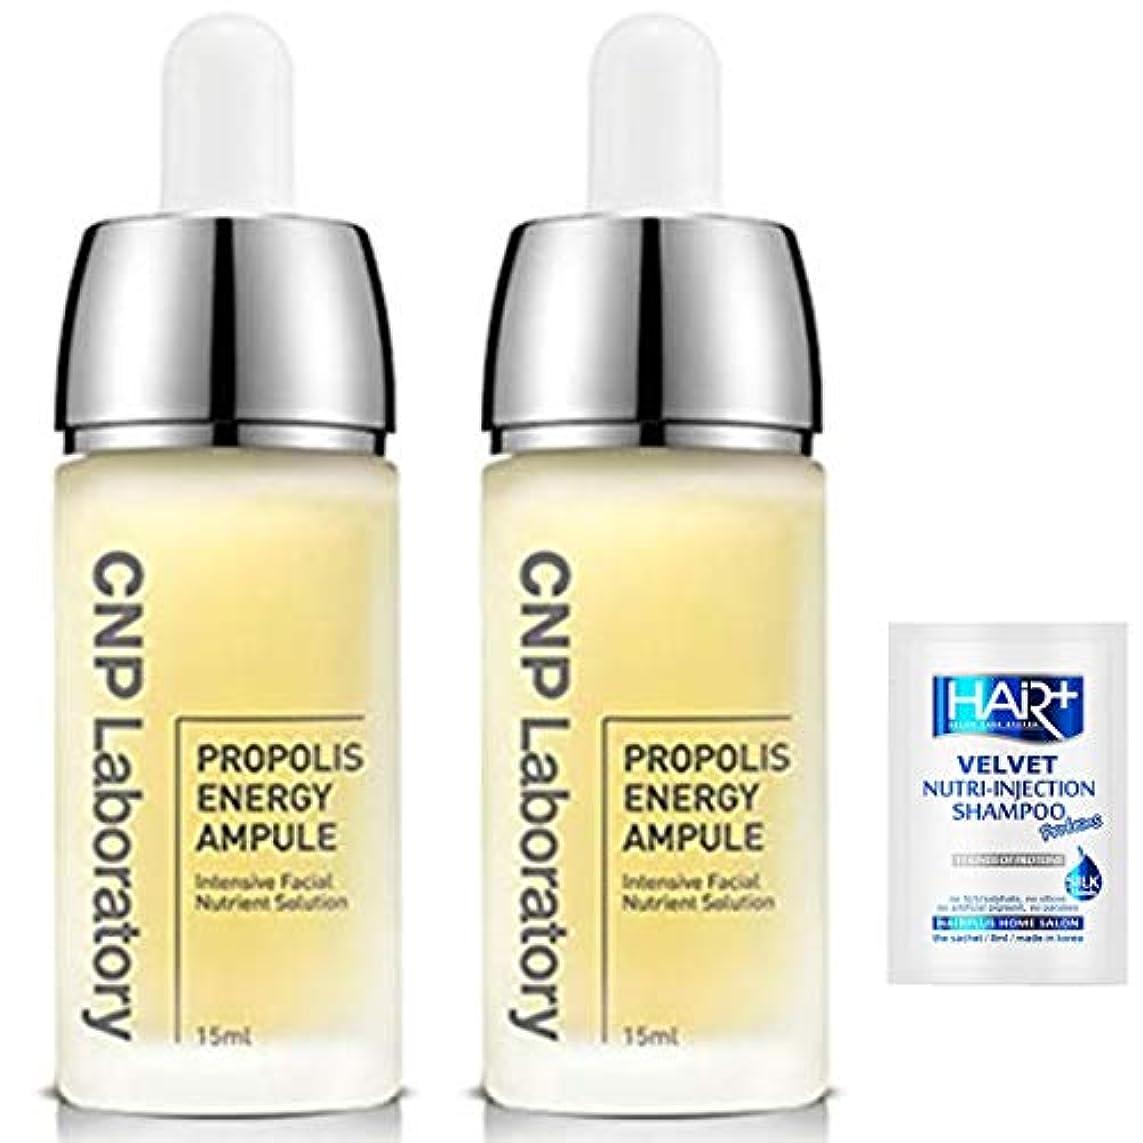 貸すチャールズキージング全く【CNP Laboratory】プロポリス エネルギーアンプル 15ml X 2EA+HairPlus NonSilicon Shampoo 8ml